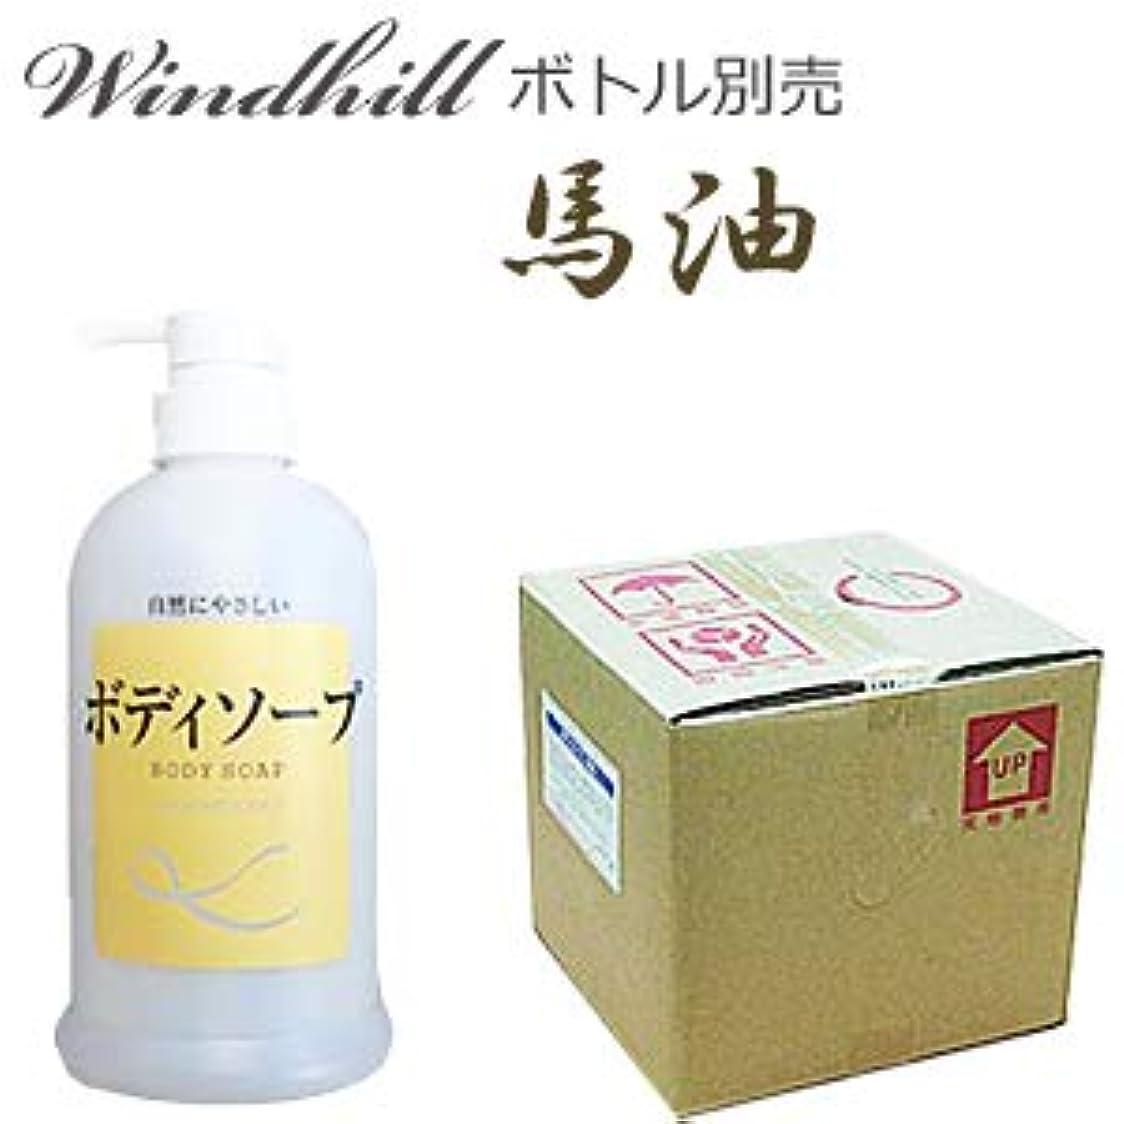 約著名な失なんと! 500ml当り190円 Windhill 馬油 業務用 ボディソープ   フローラルの香り 20L